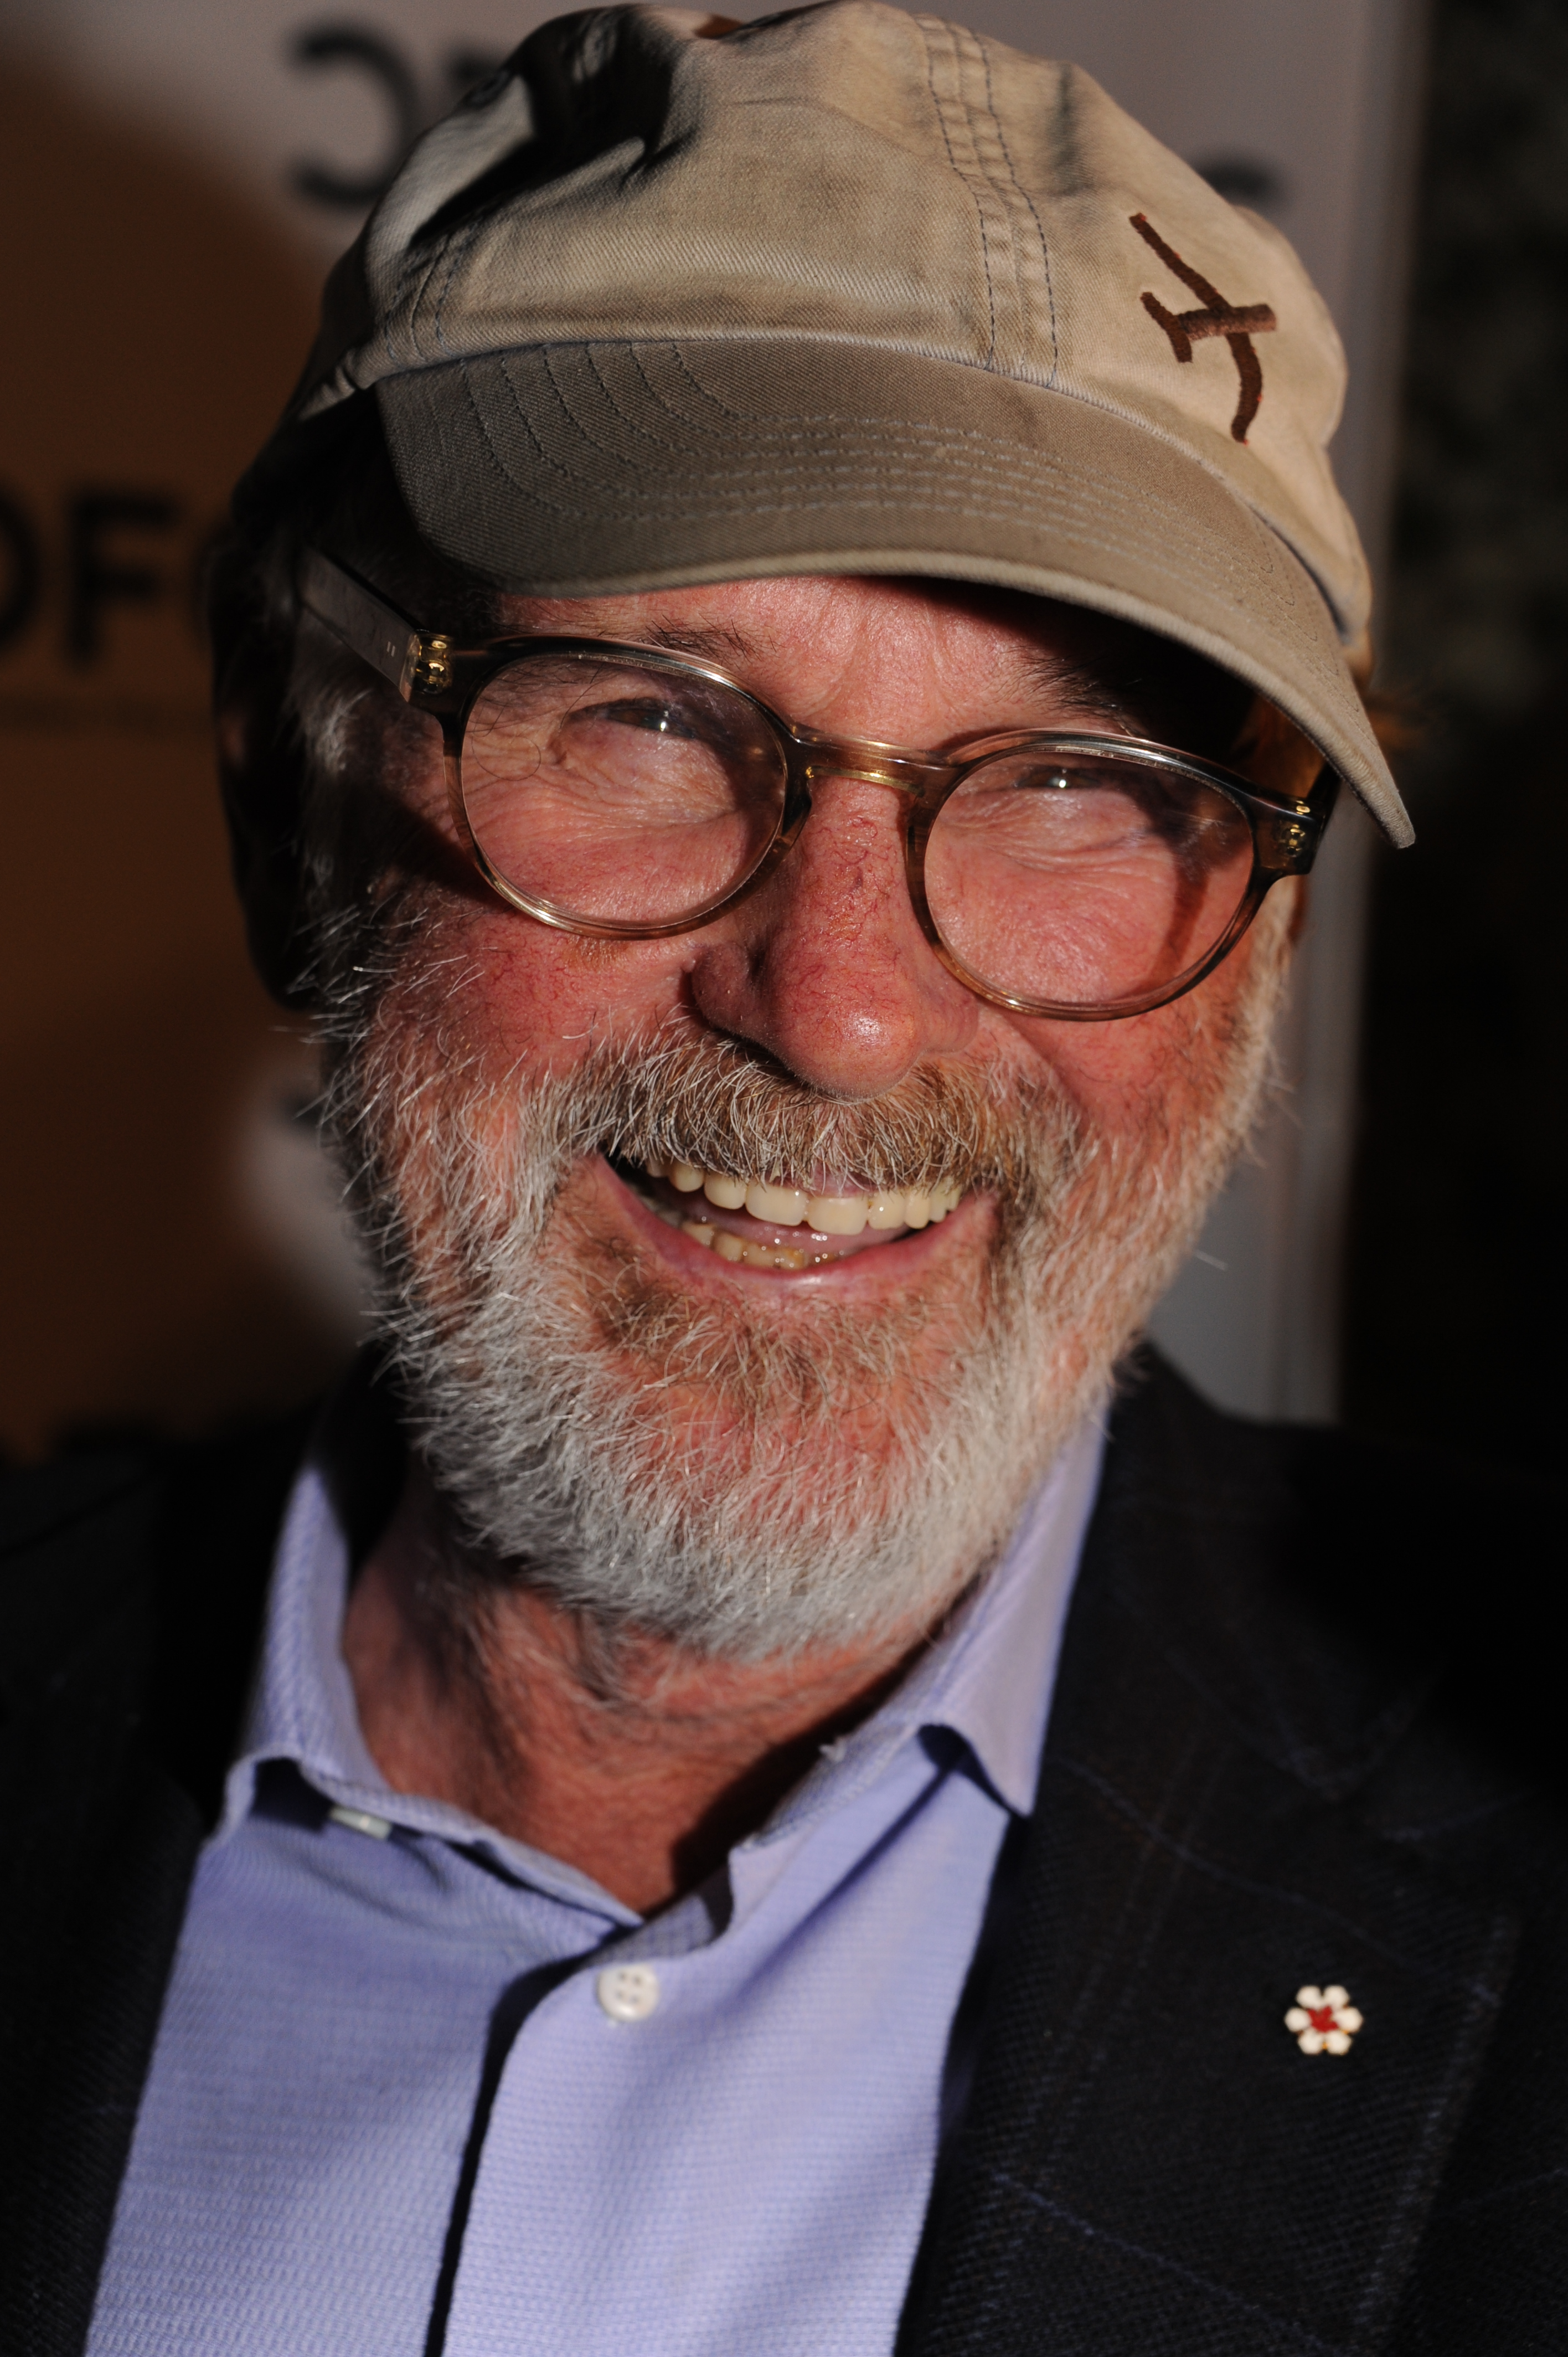 Photo Norman Jewison via Opendata BNF